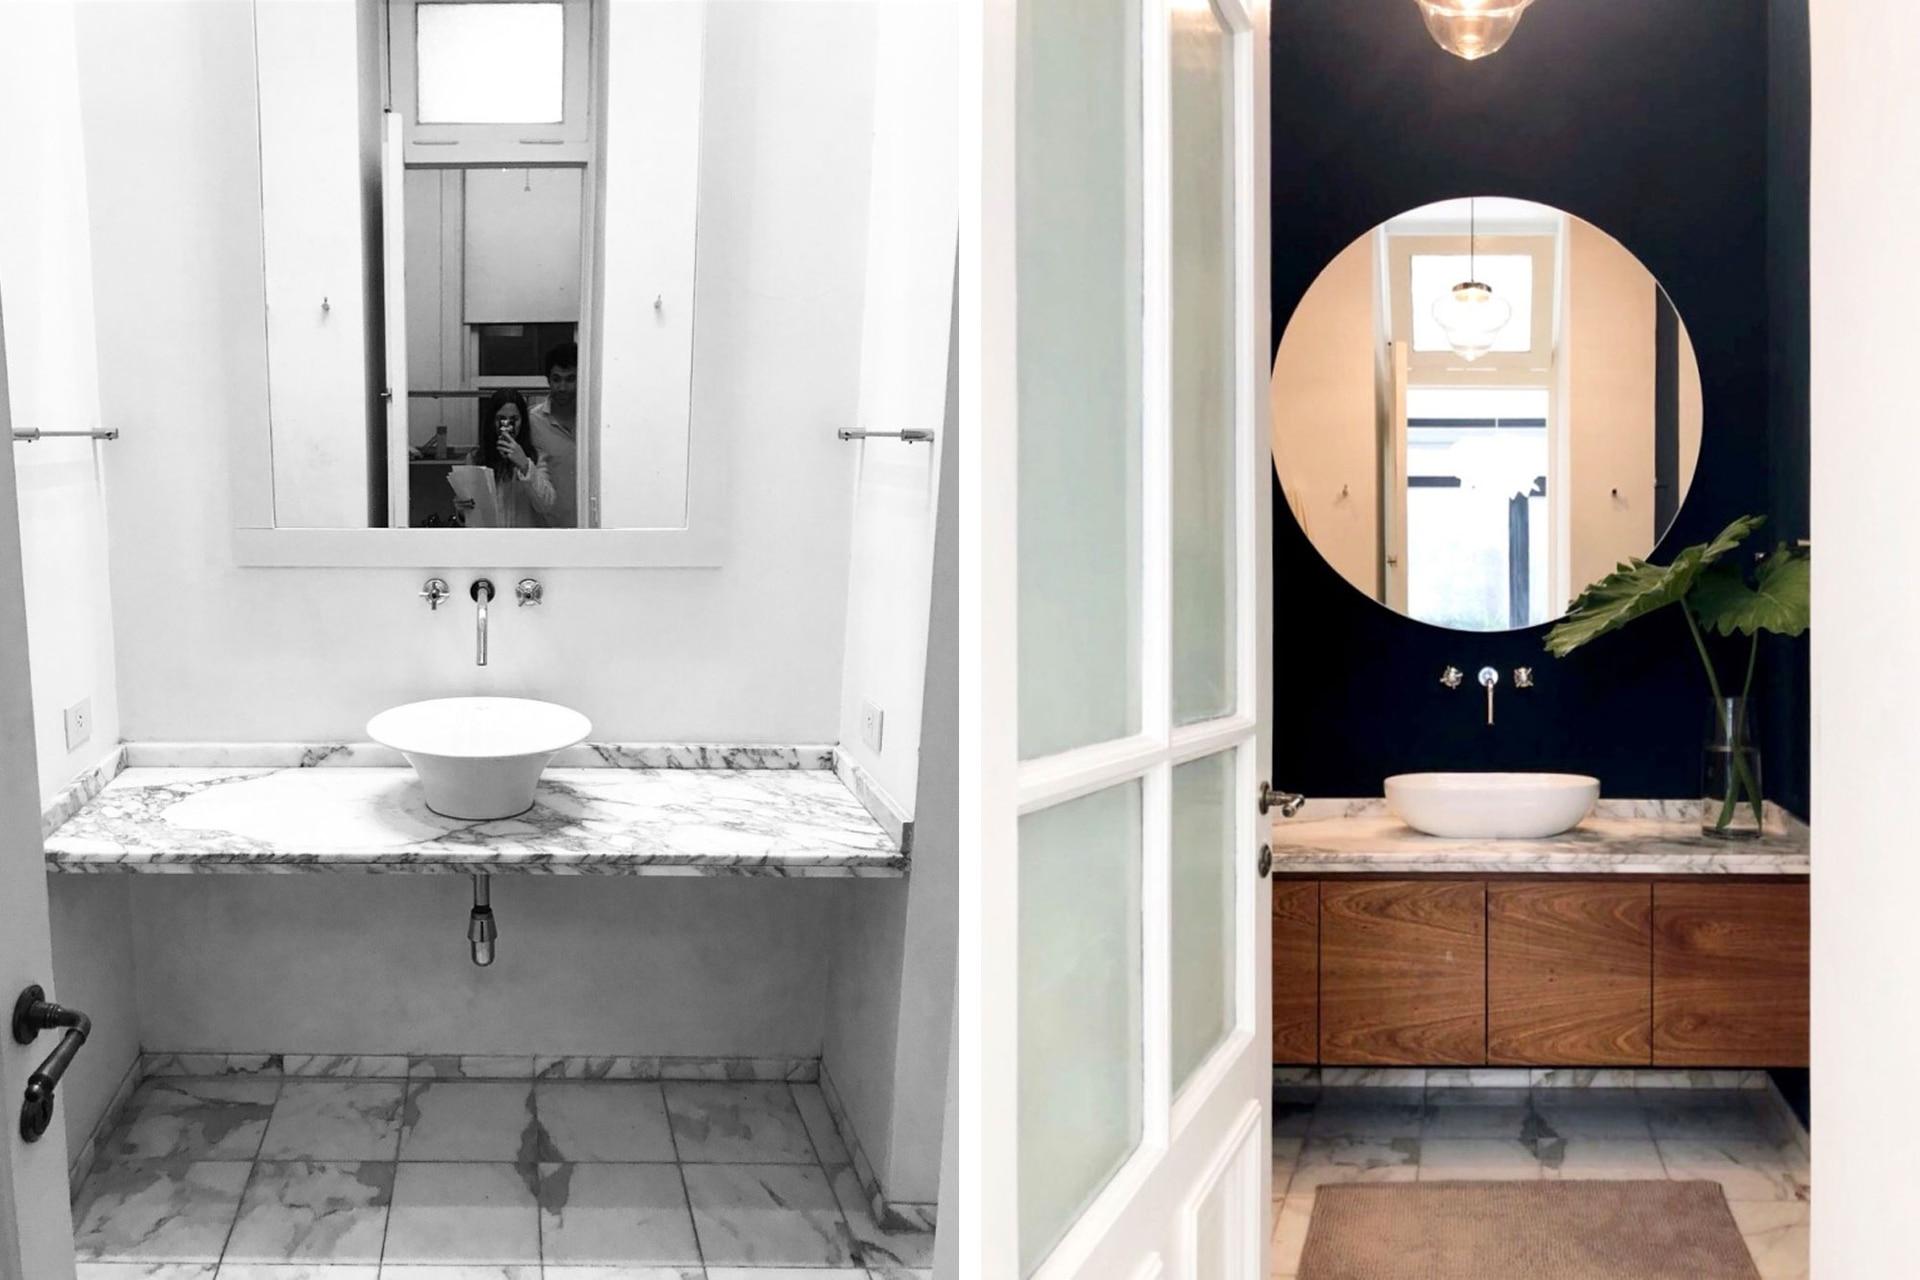 El baño se actualizó con pintura azul, un nuevo espejo redondo y el mueble bajomesada de petiribí.